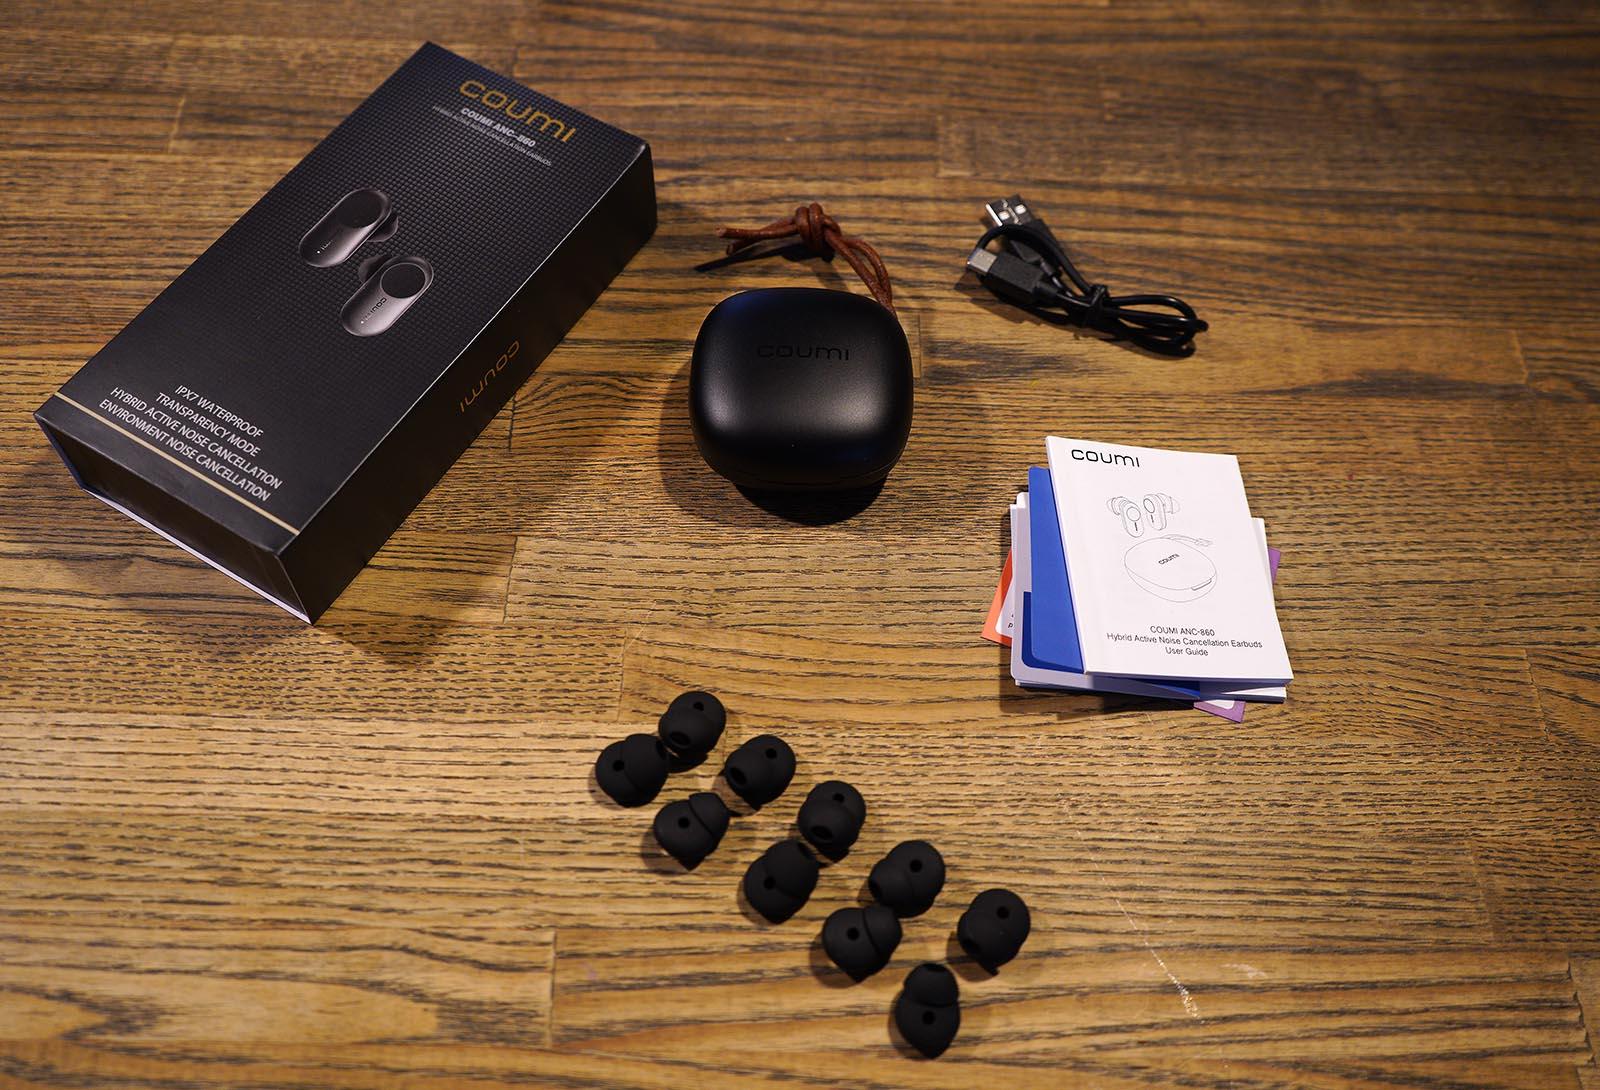 coumi-anc860 ワイヤレスイヤホン